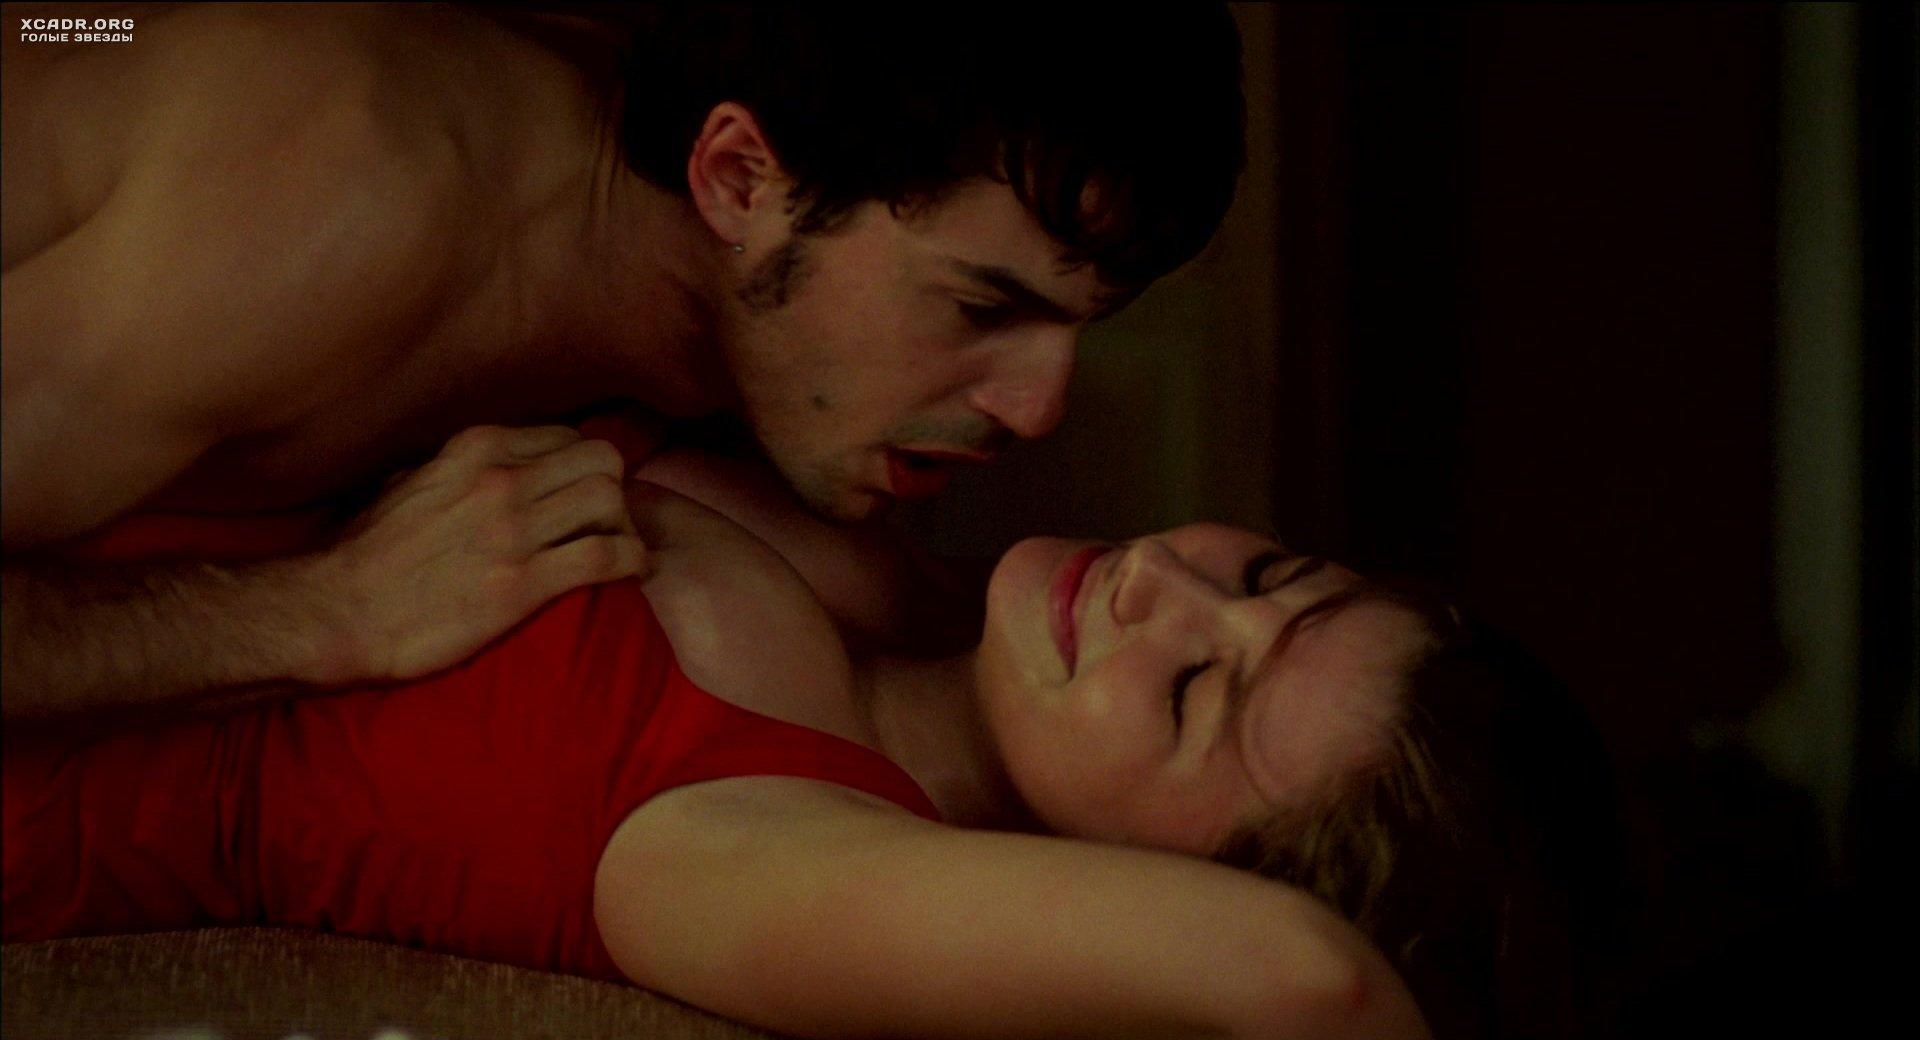 russkie-filmi-s-porno-stsenami